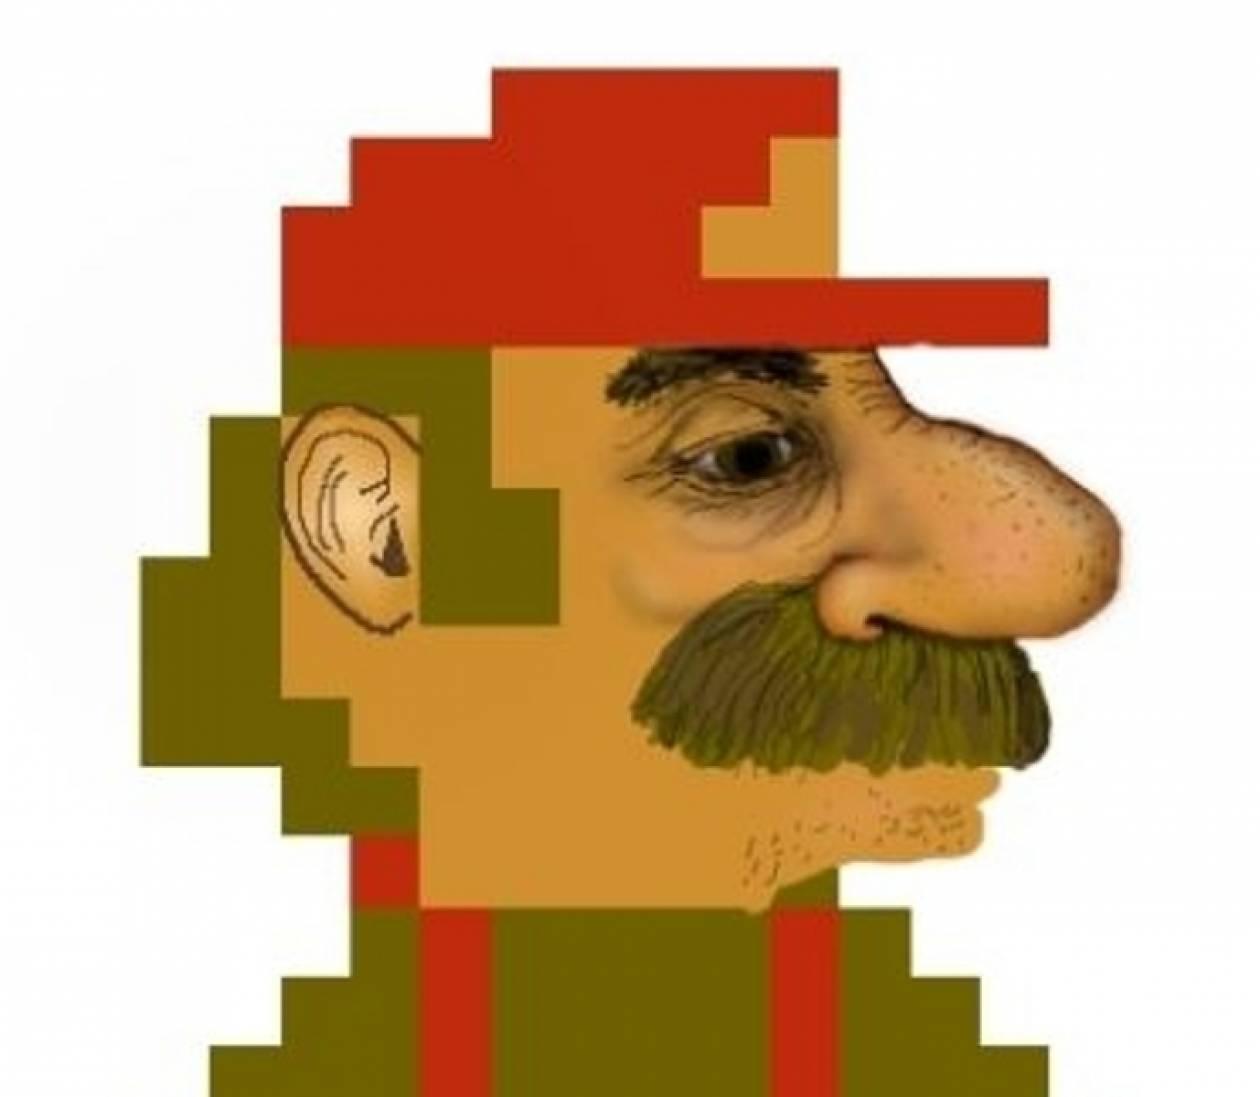 Το αληθινό πρόσωπο του Super Mario (φώτο)